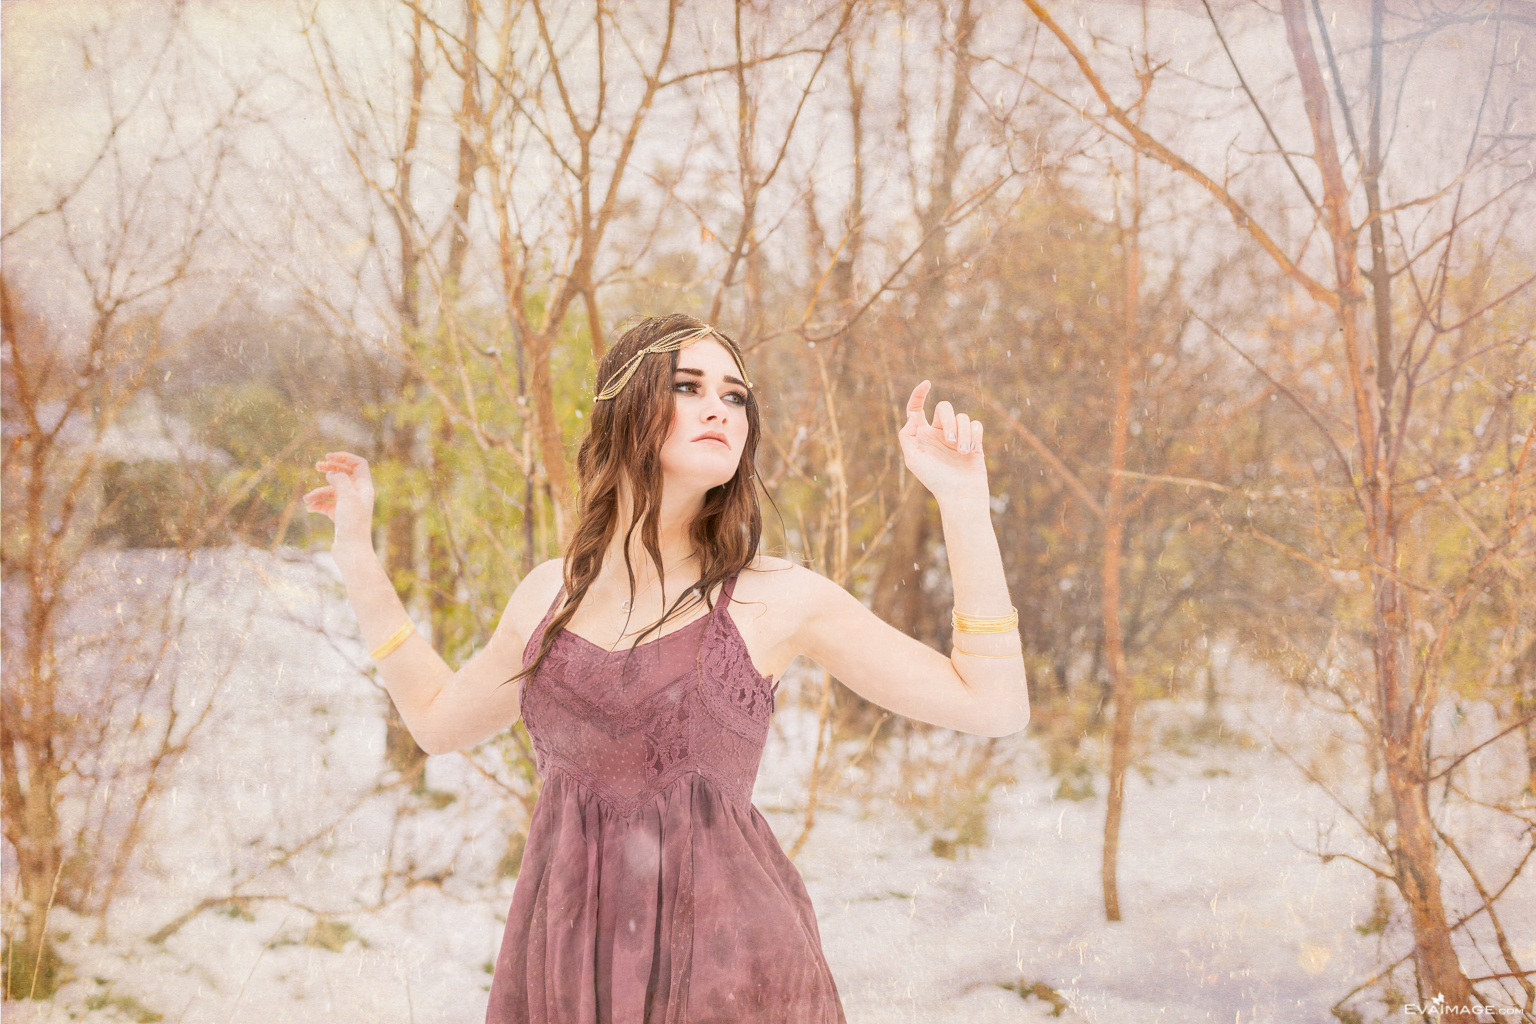 Bohemian Girl Winter Portrait